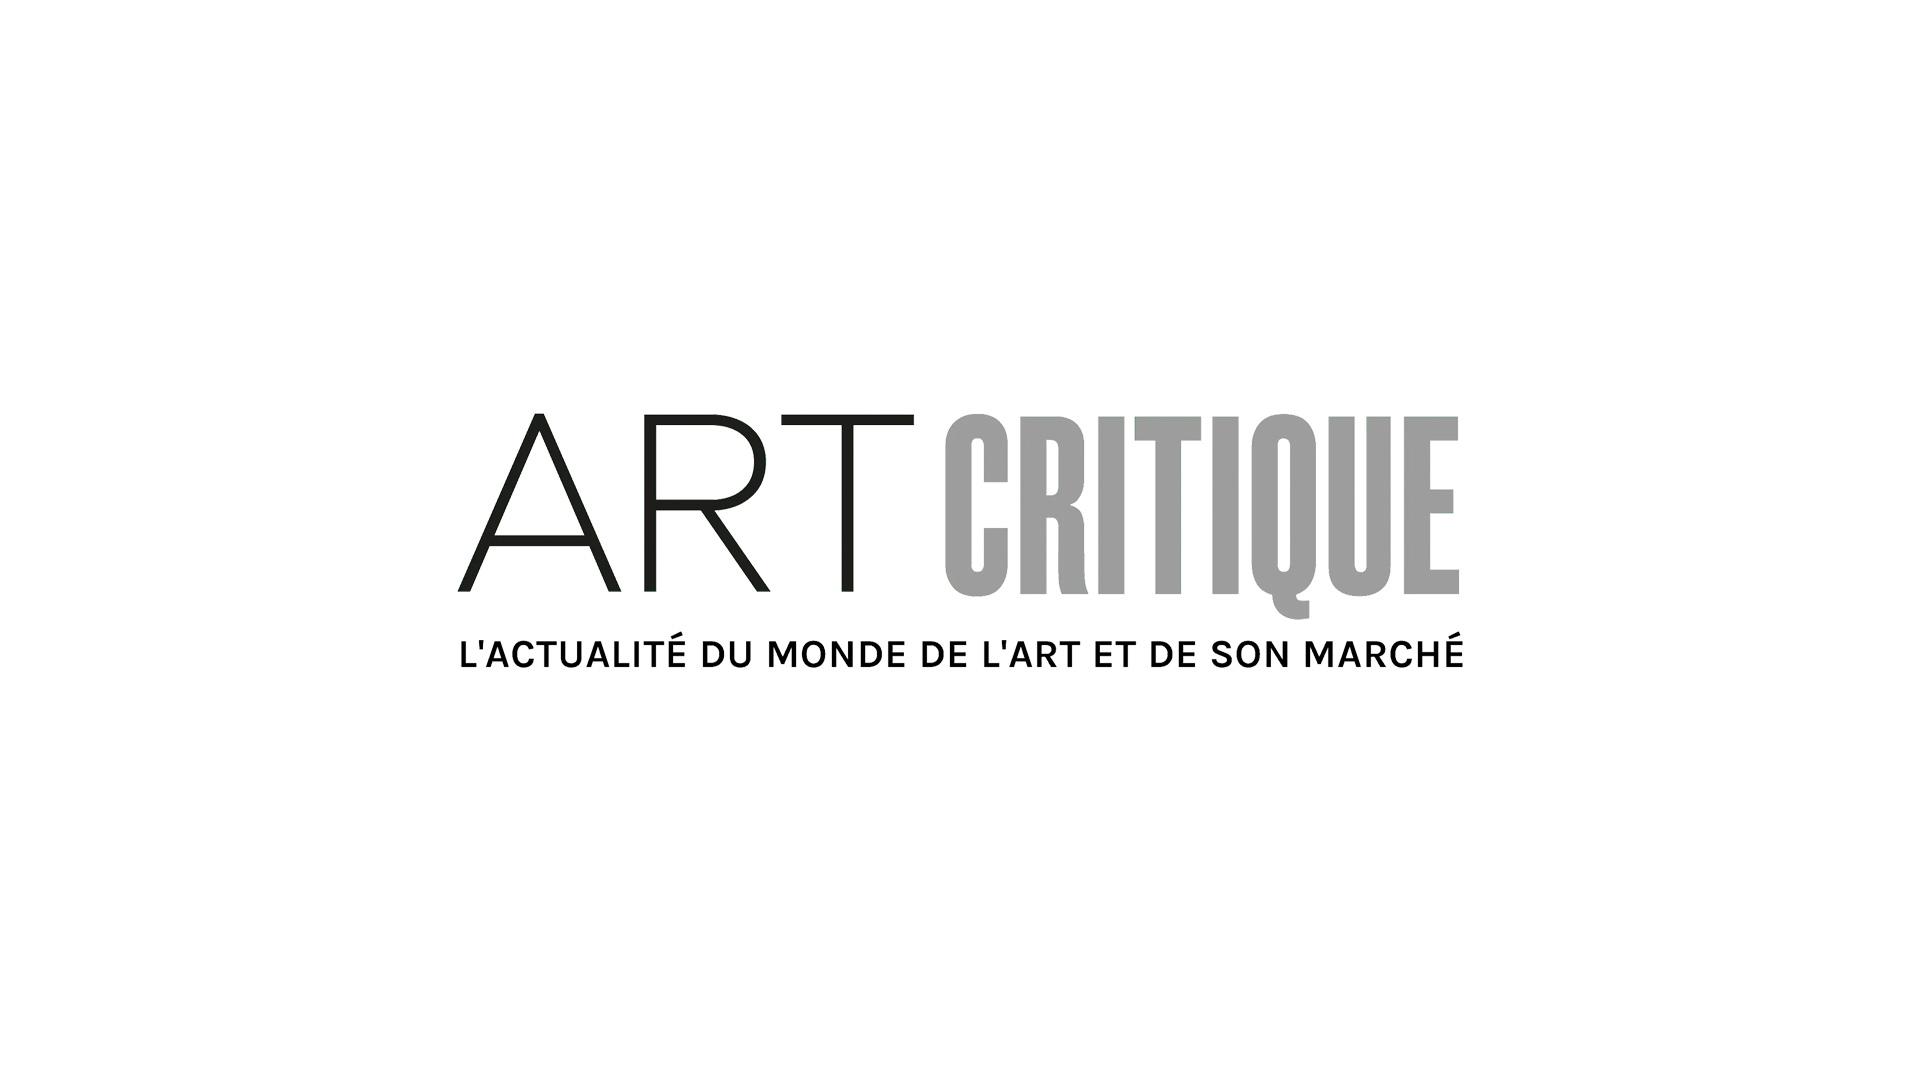 Du surréalisme à l'expressionisme abstrait, la pratique d'Arshile Gorky